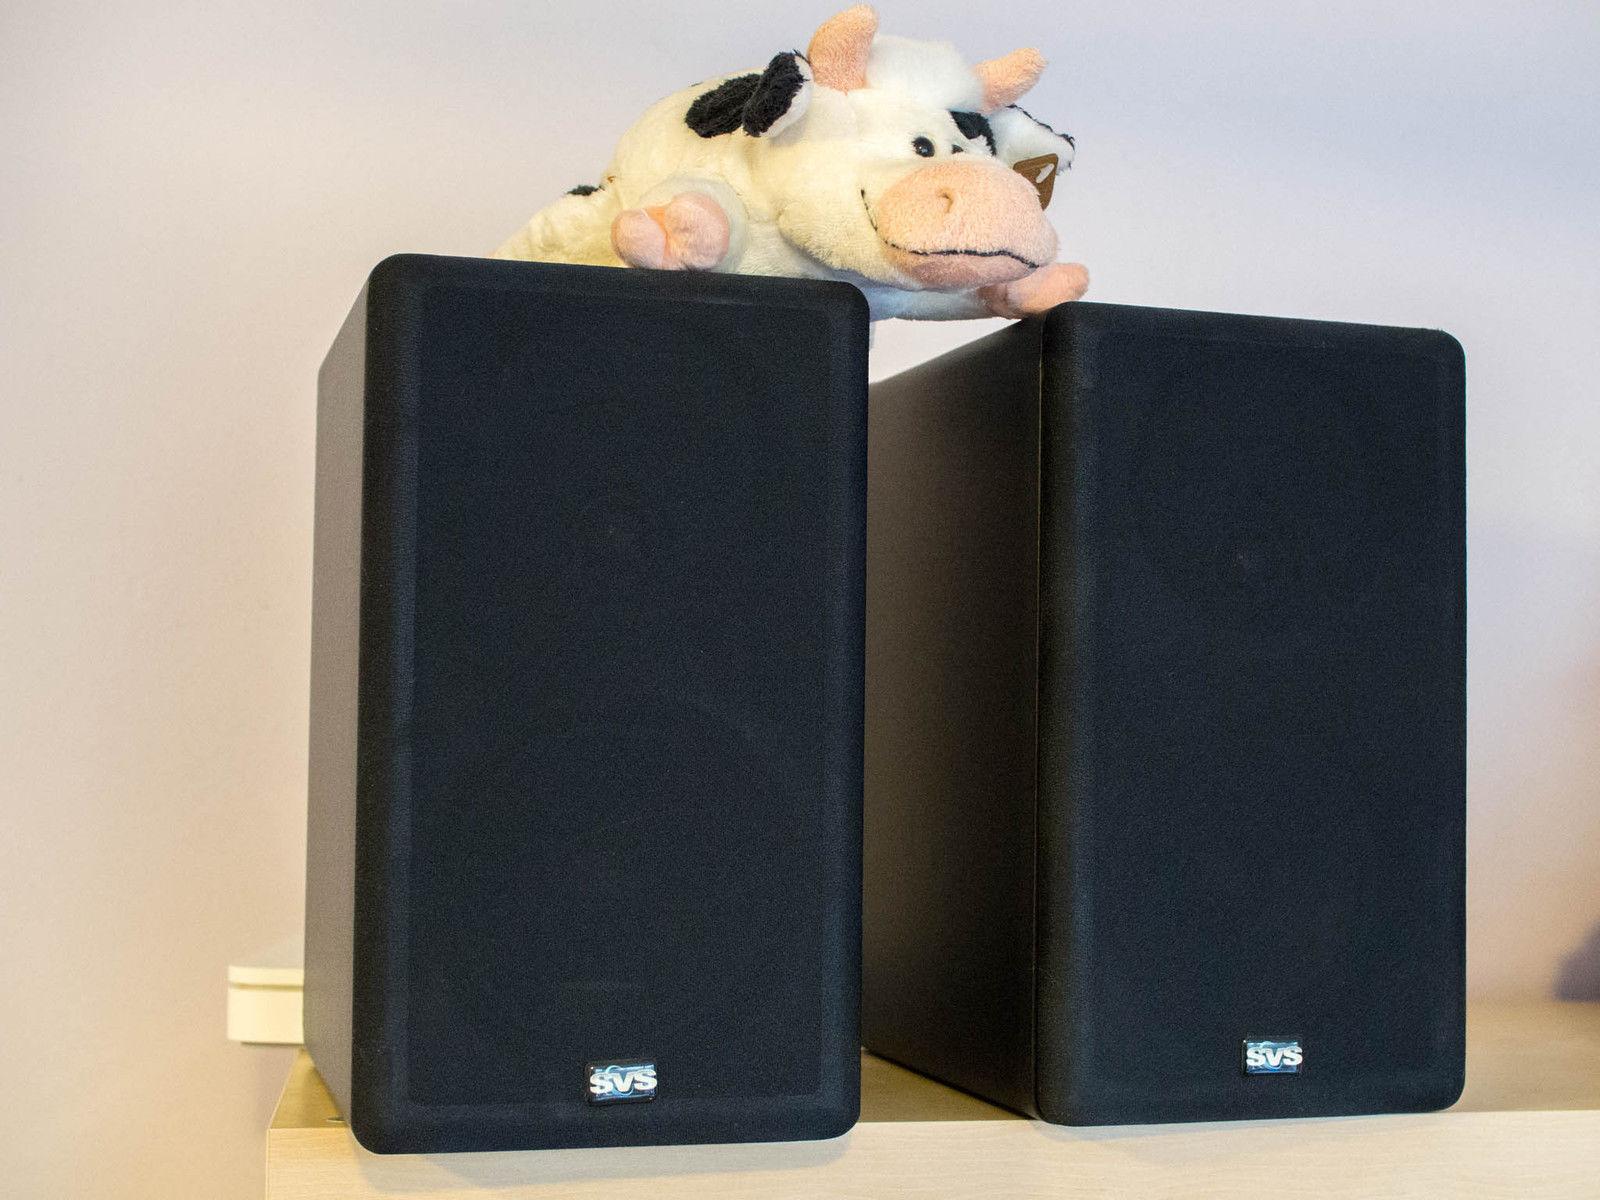 svs_speakers1.JPG